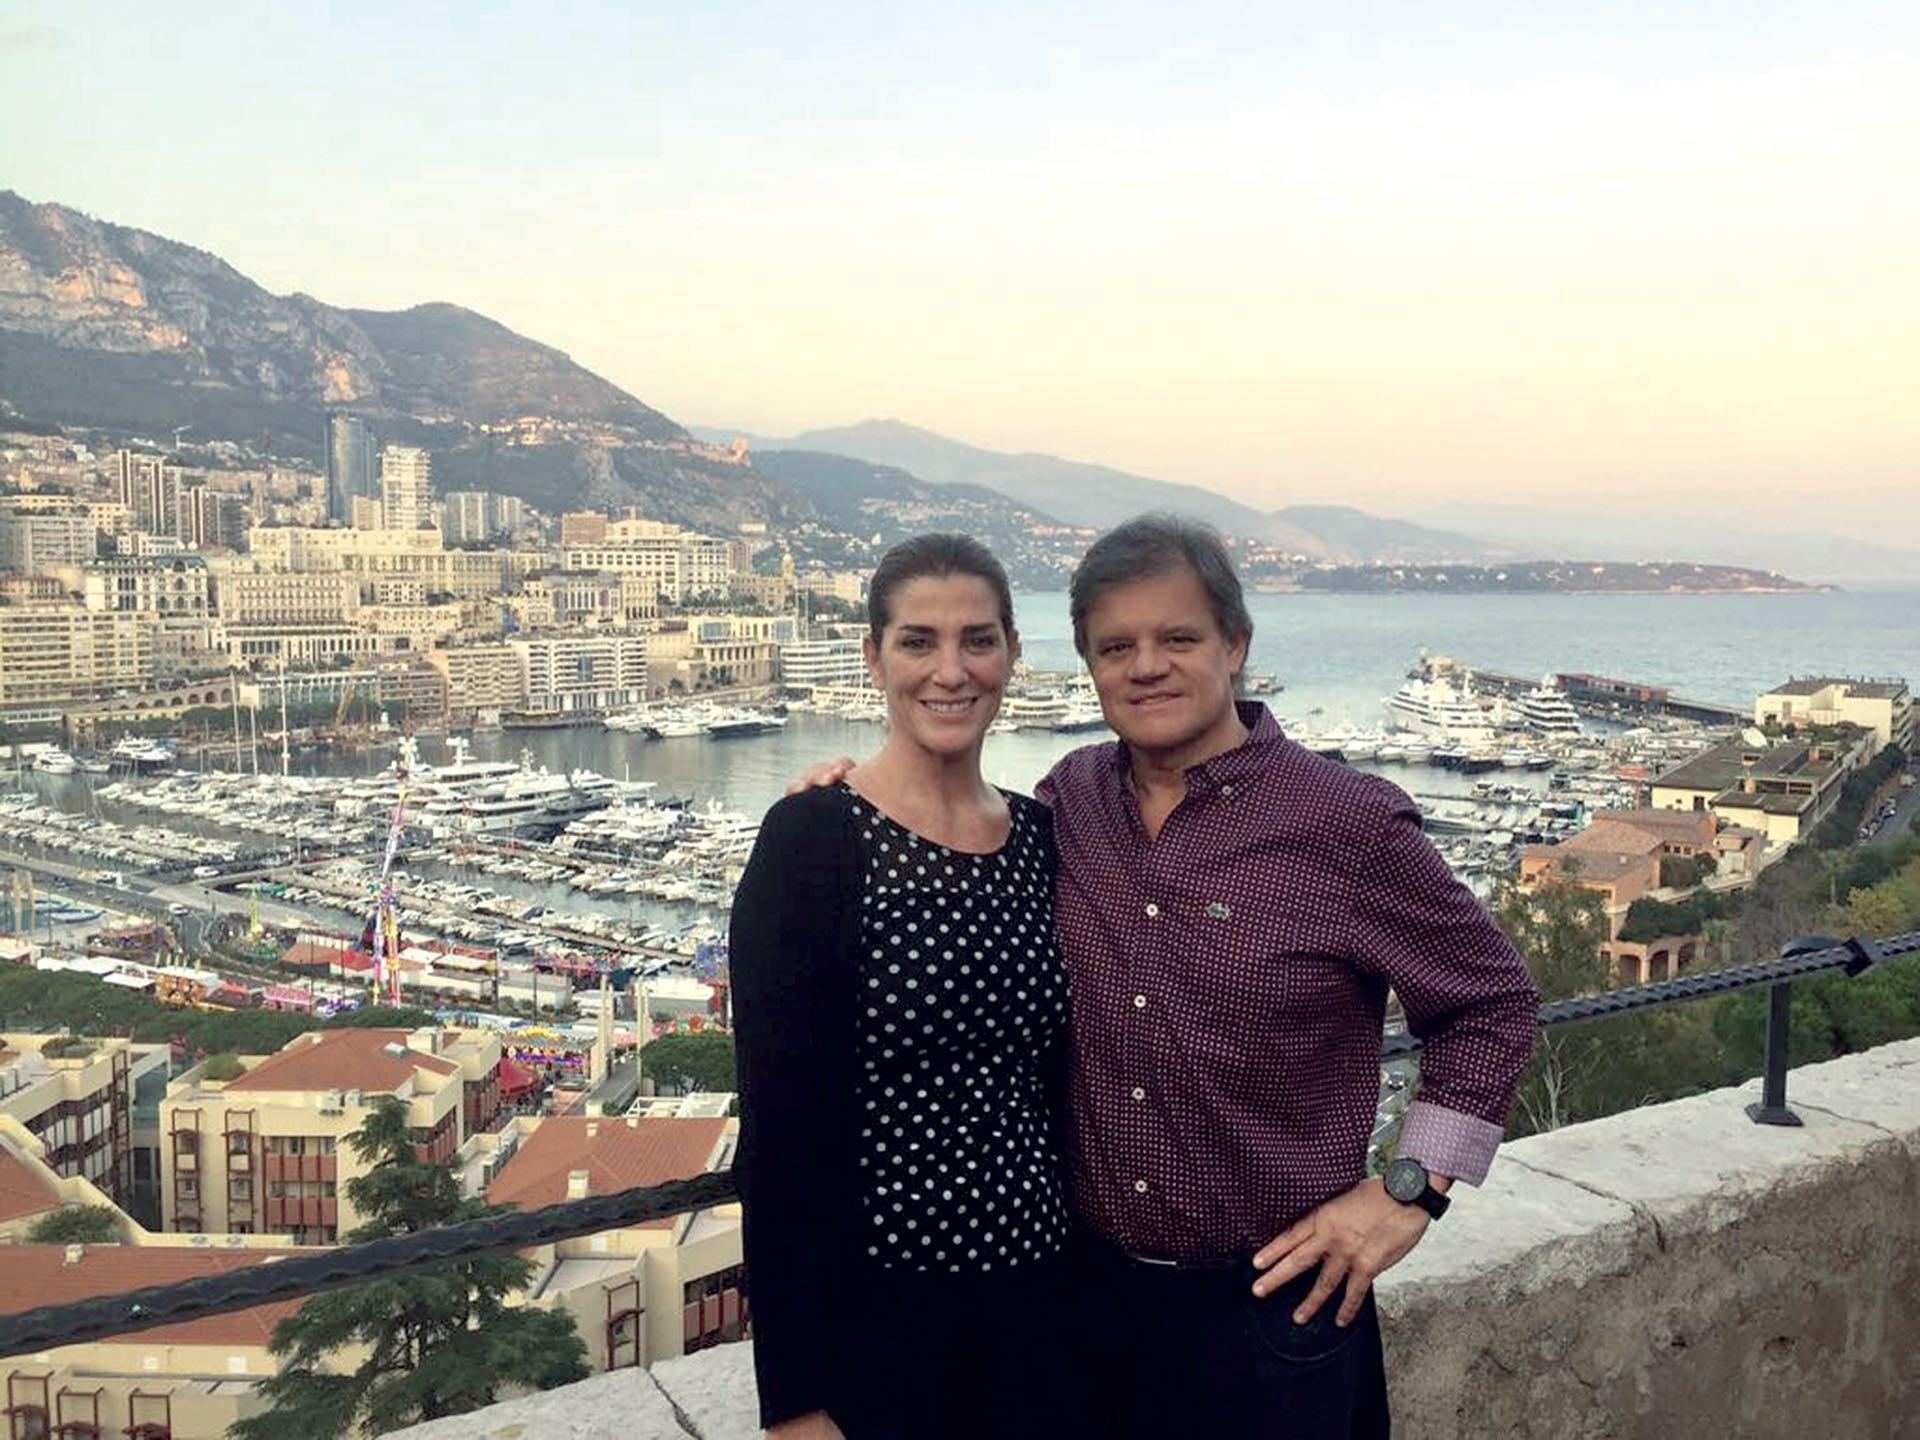 El último viaje que hicieron juntos, a Mónaco. (Foto Instagram)